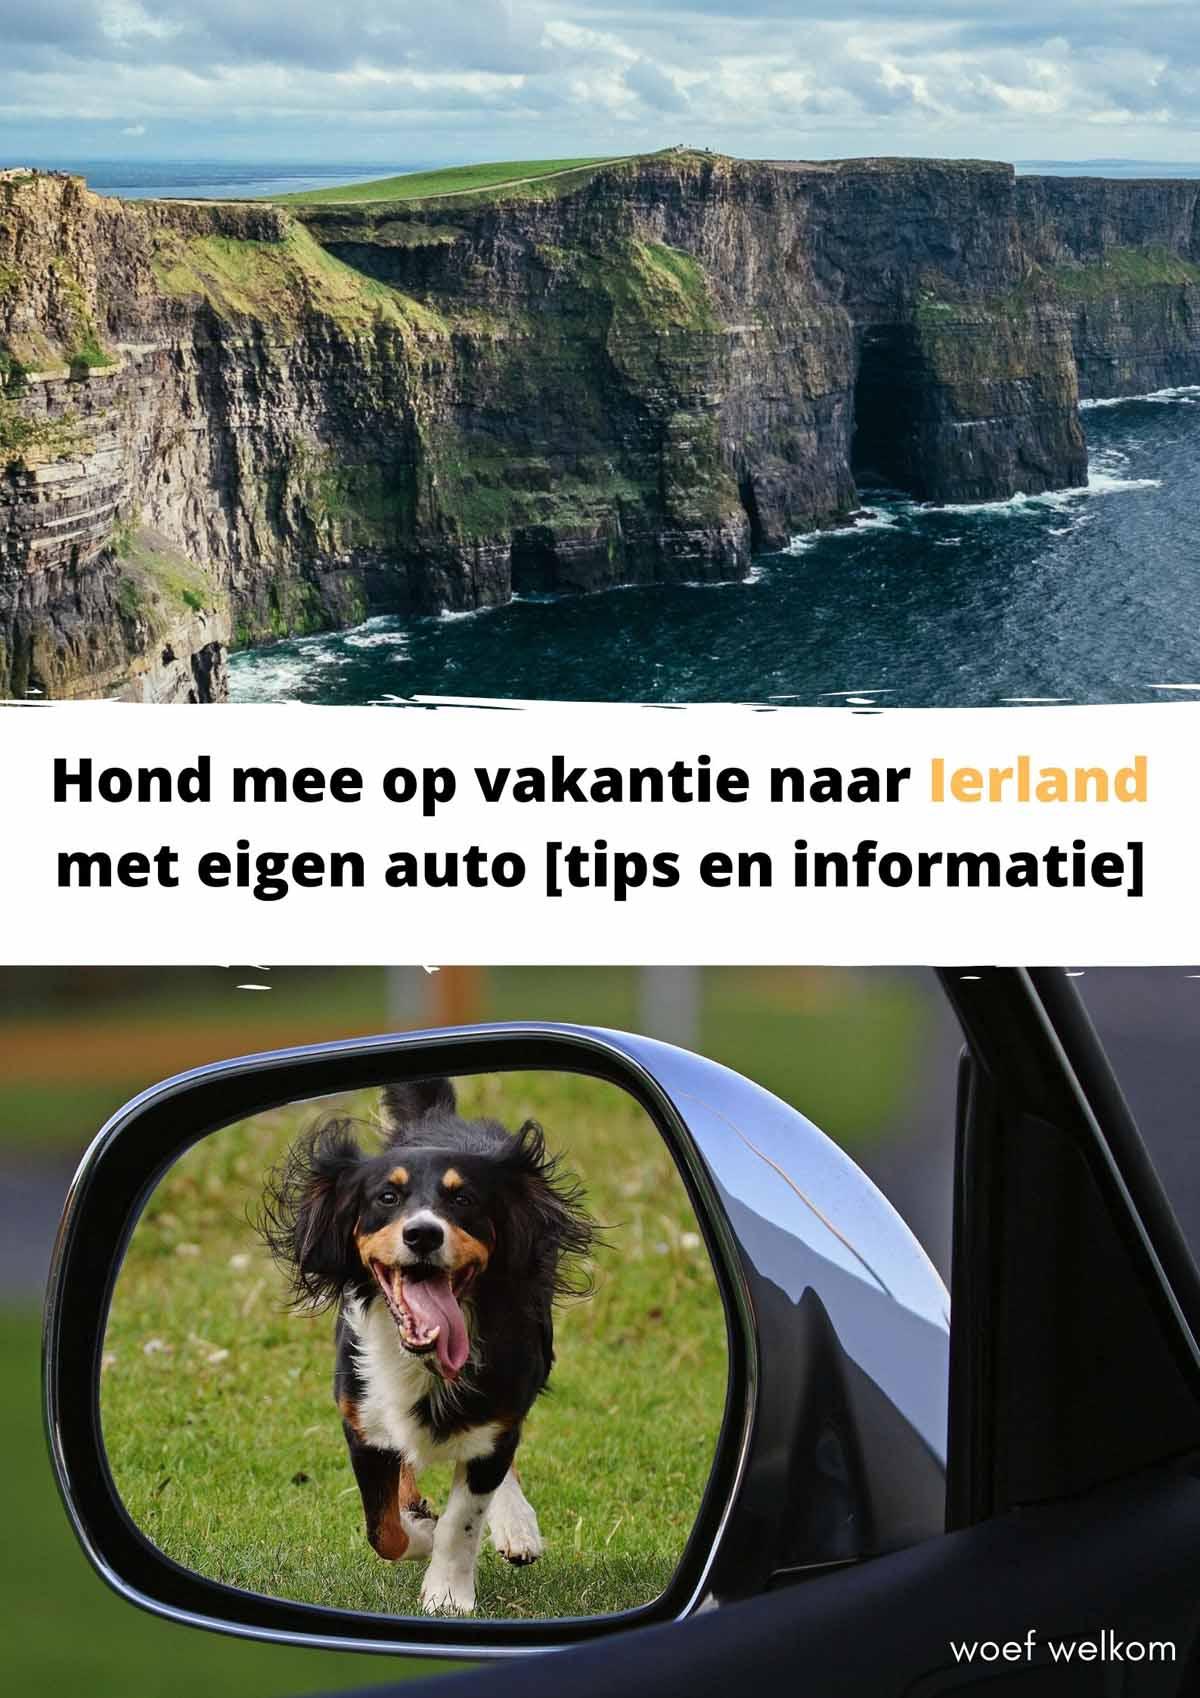 Hond mee op vakantie naar Ierland met eigen auto [tips en informatie]